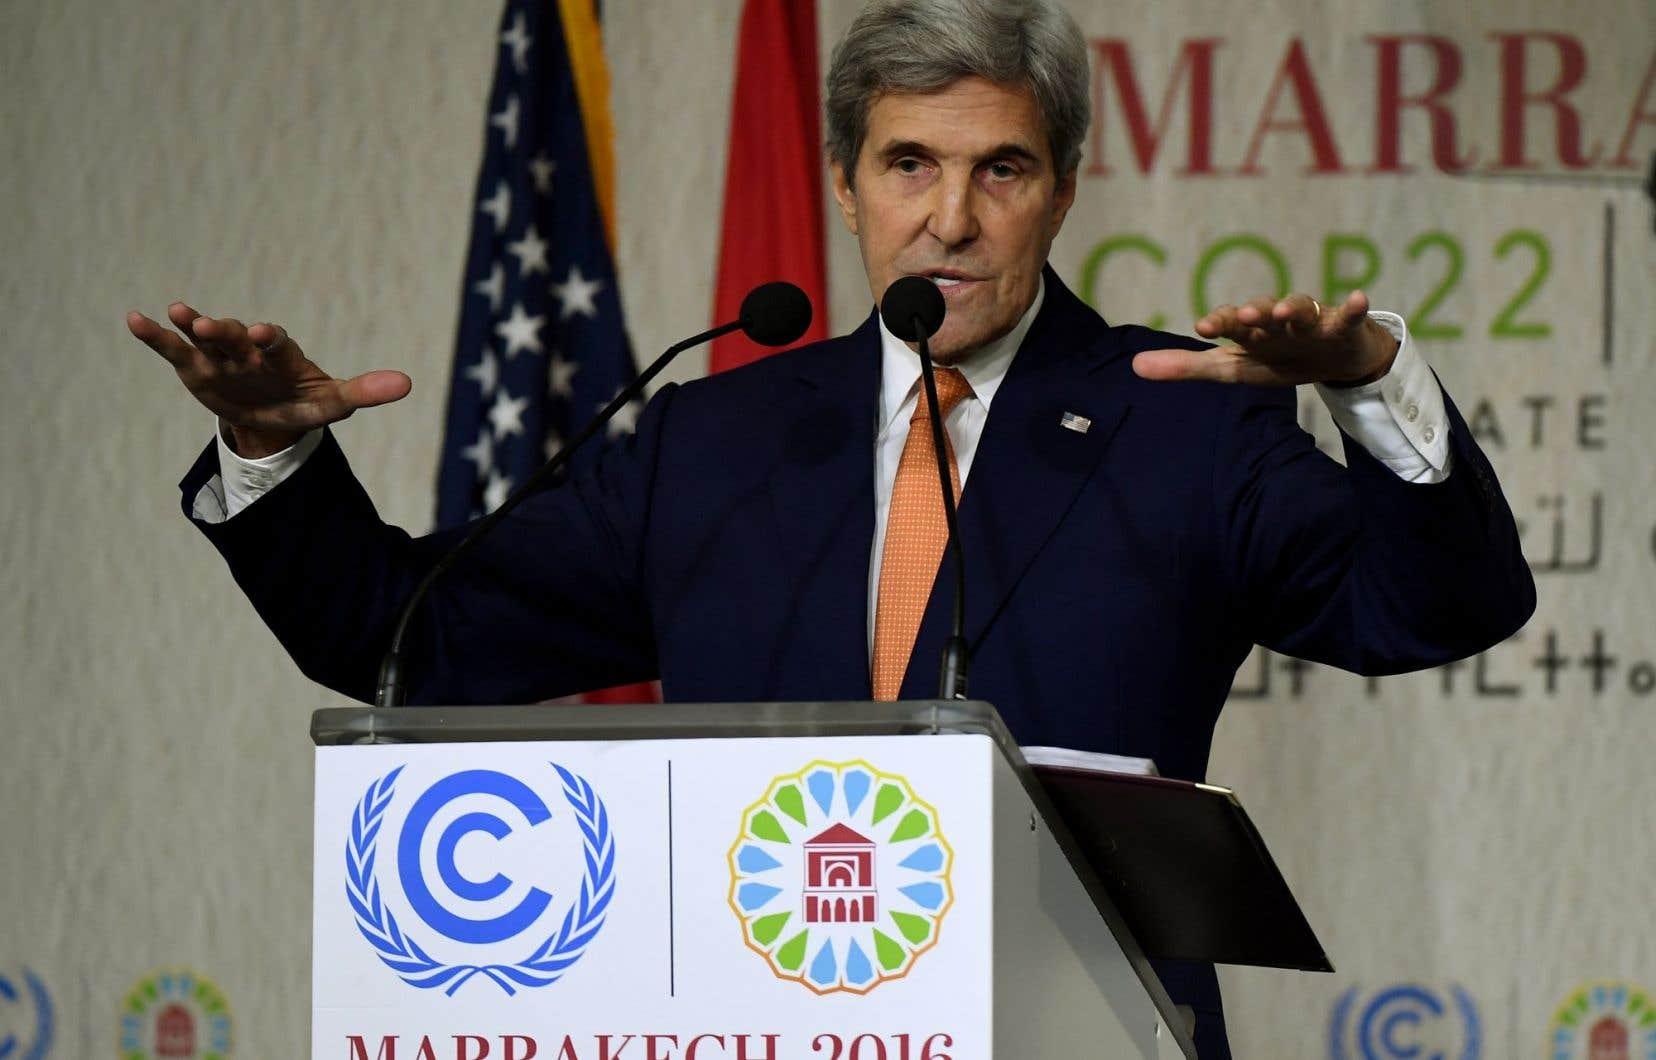 John Kerry a affirmé que les États-Unis atteindraient bel et bien leurs objectifs de réductions de gaz à effet de serre, malgré l'élection du climatosceptique Donald Trump.